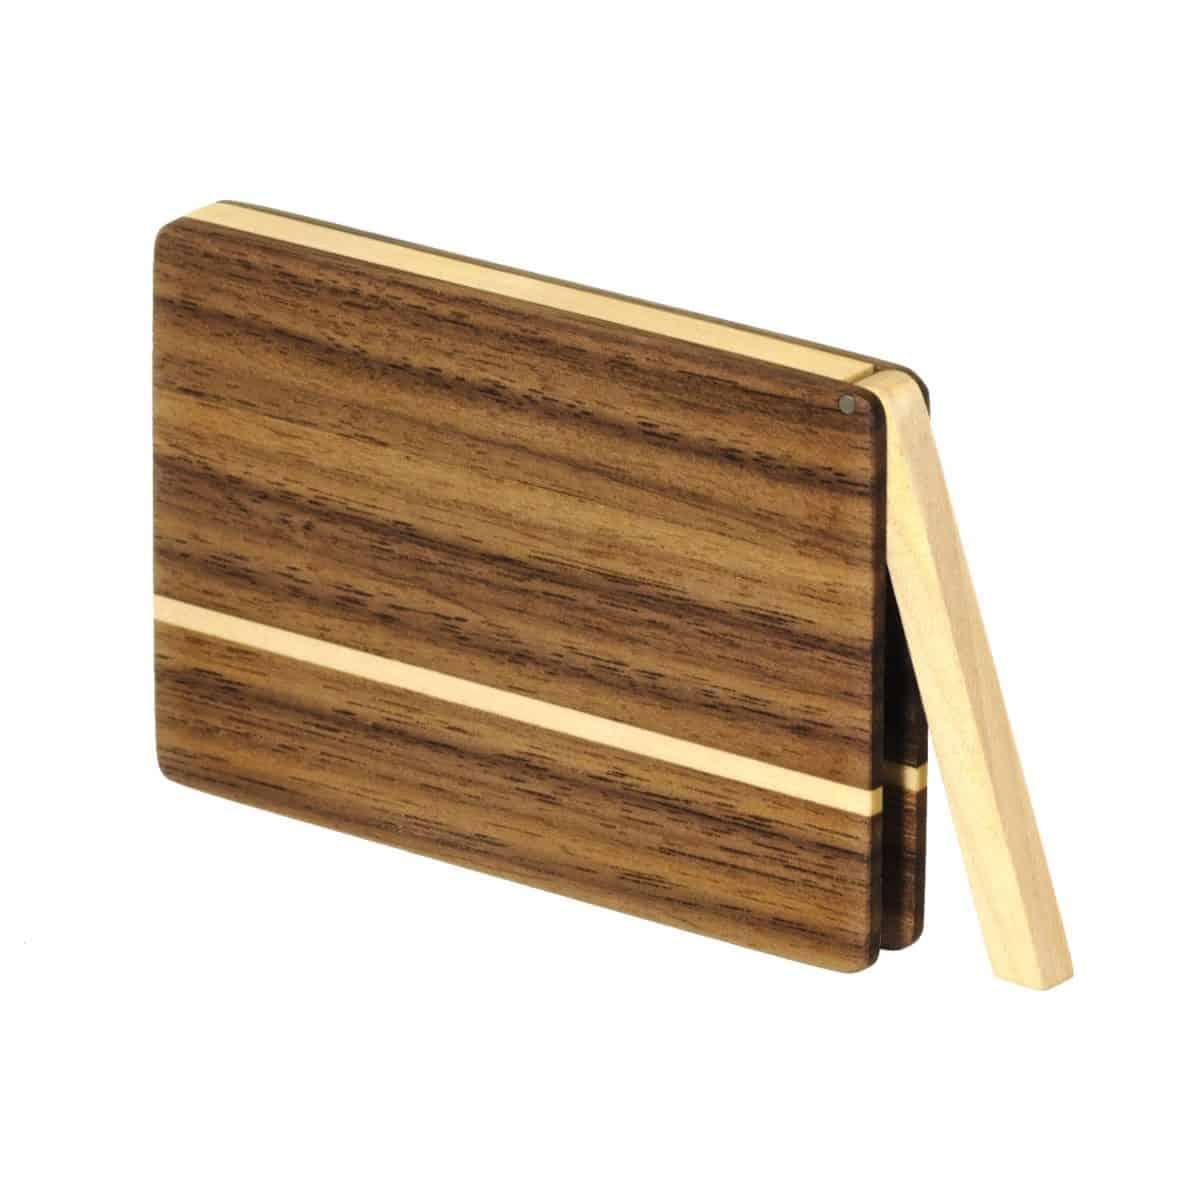 Visitenkartenetui aus Holz. Nussbaum dunkel. Modell »Akemi« in abgerundeter Form